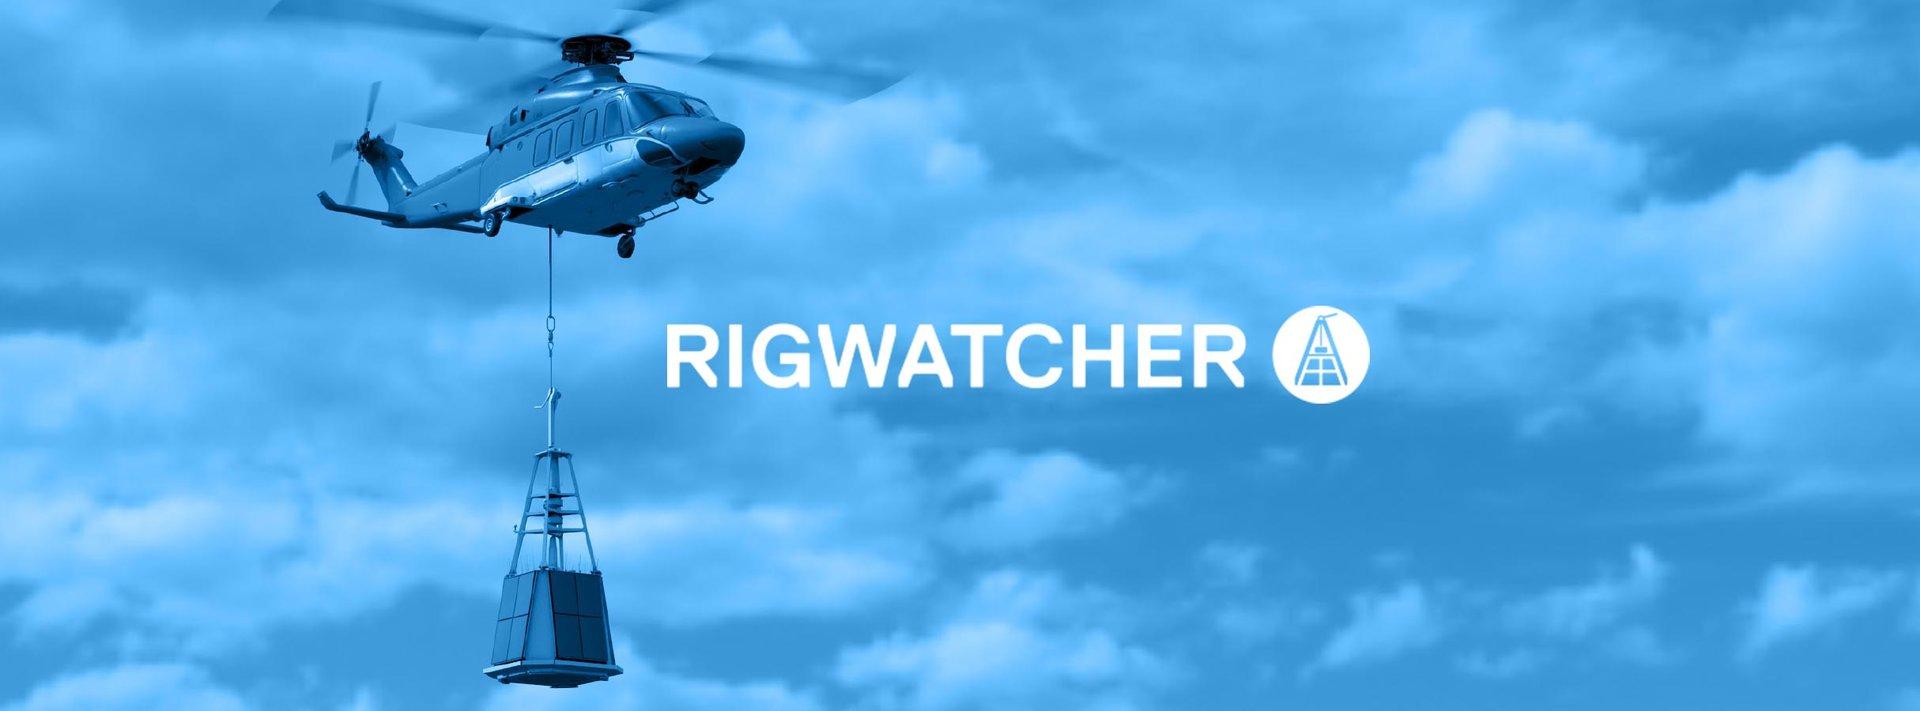 rigwatcher_sabik_ offshore_decommissionign